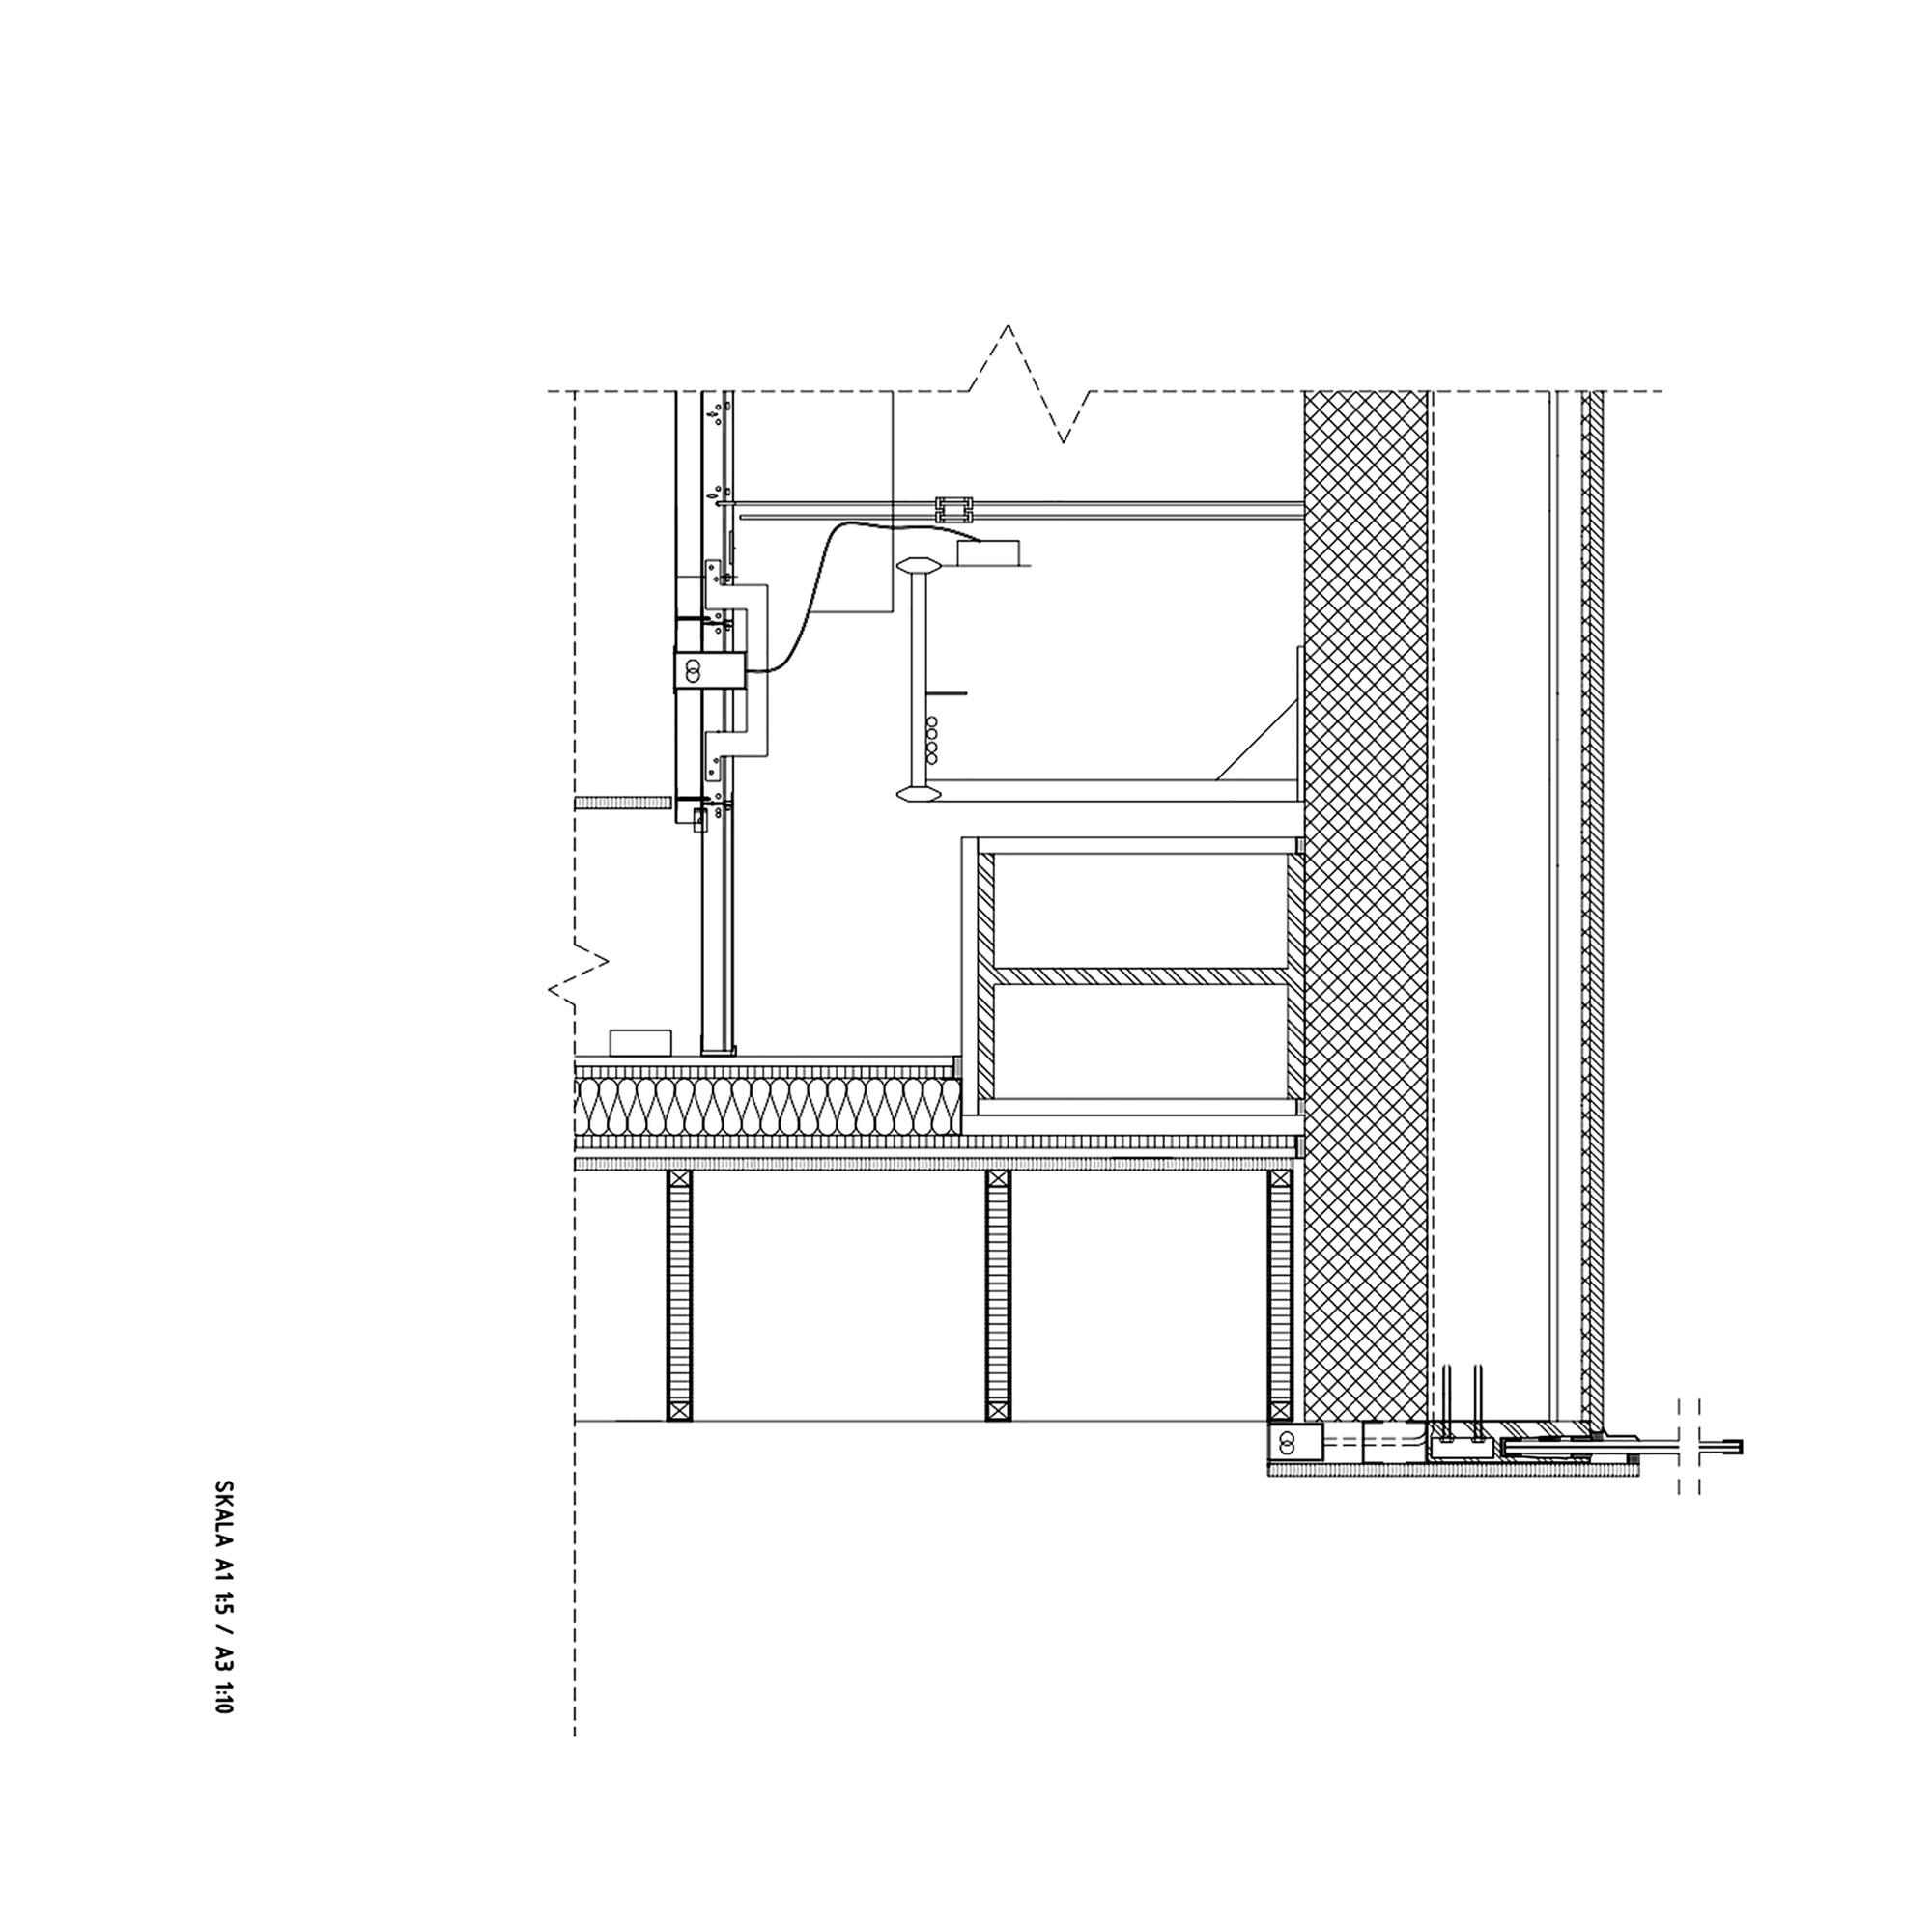 Gallery of Dalarna Media Library / ADEPT - 32